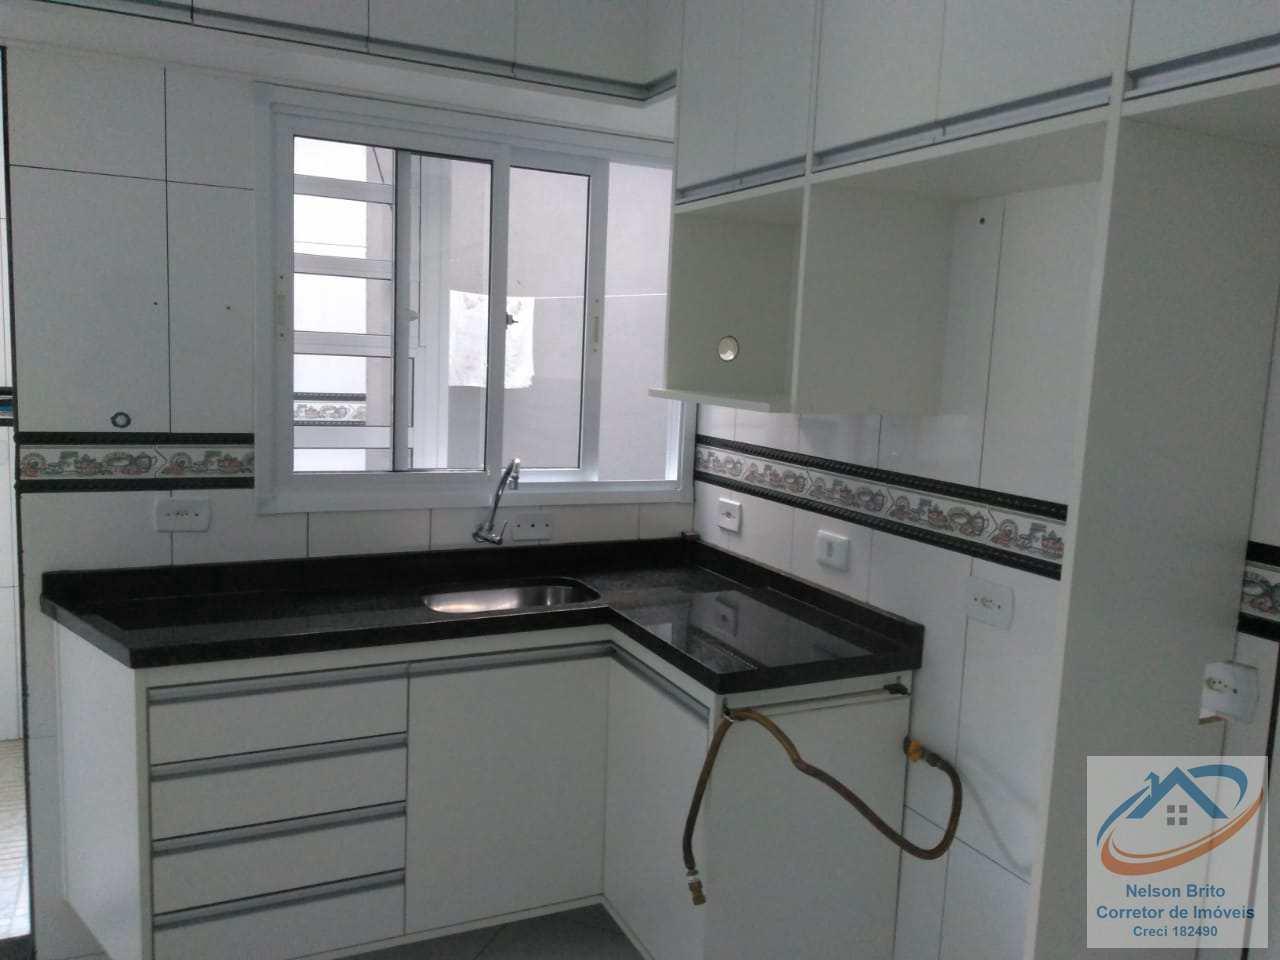 Apartamento com 2 dorms, Vila Guiomar, Santo André - R$ 320 mil, Cod: 236